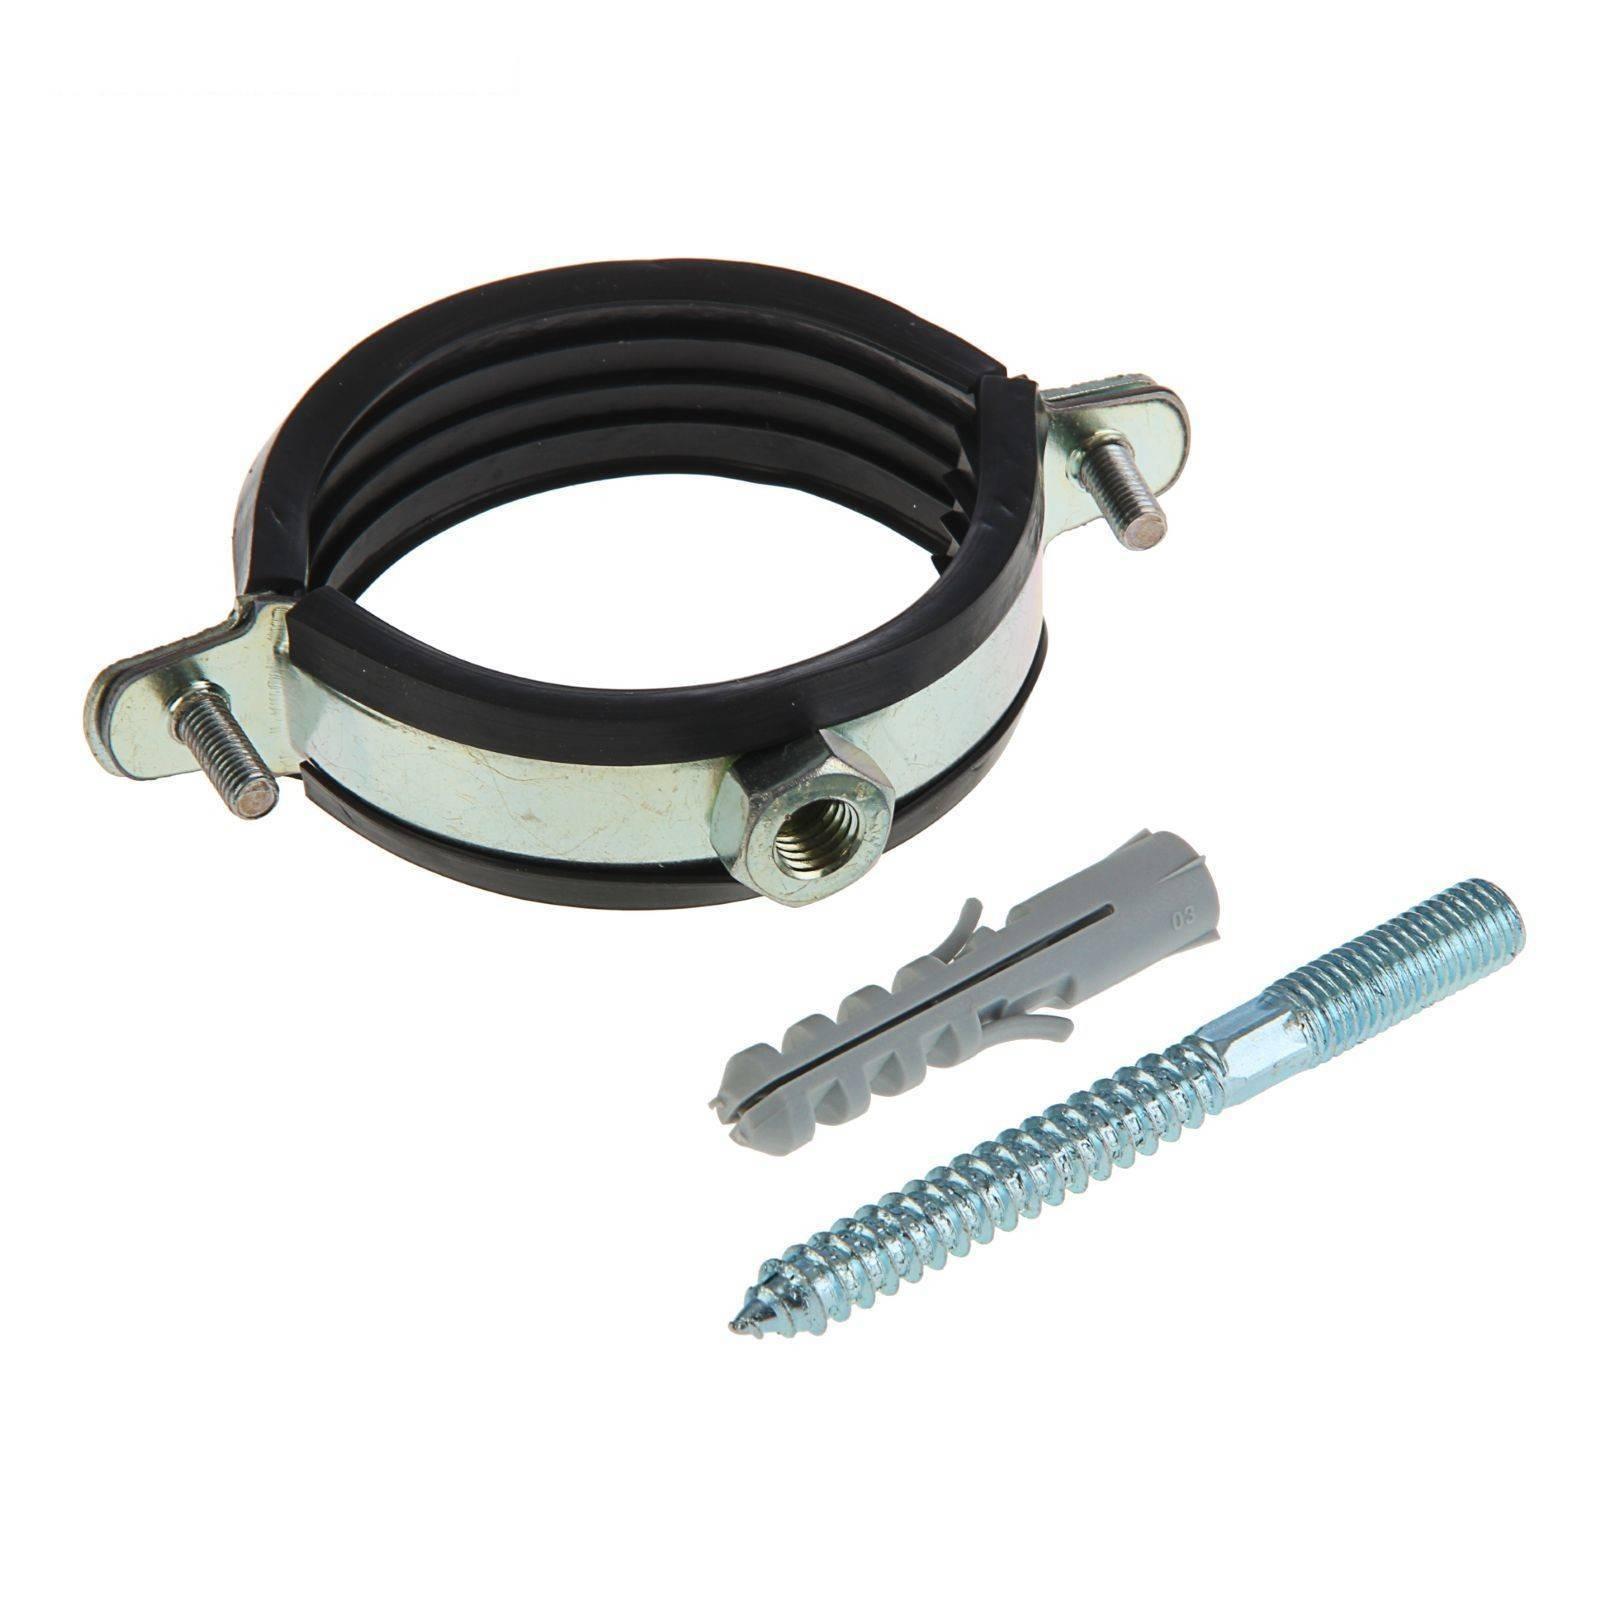 Крепеж для труб – подбор оптимального крепежа и инструмента для фиксации (100 фото)